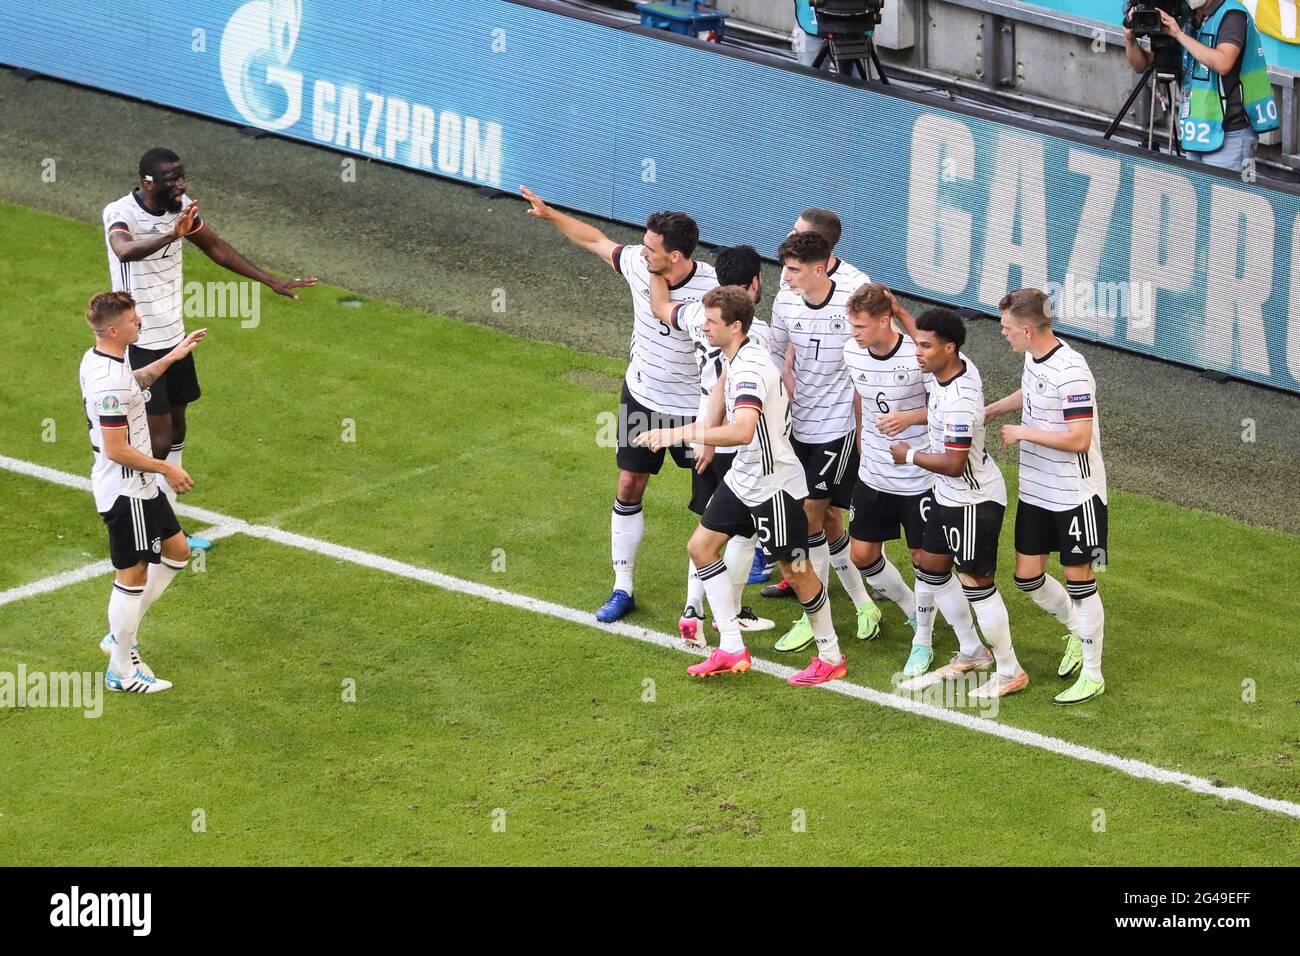 Munich, Allemagne. 19 juin 2021. Les joueurs d'Allemagne célèbrent un but propre du Portugal lors du match de championnat de l'UEFA Euro 2020 du Groupe F entre le Portugal et l'Allemagne à Munich, Allemagne, le 19 juin 2021. Credit: Shan Yuqi/Xinhua/Alay Live News Banque D'Images